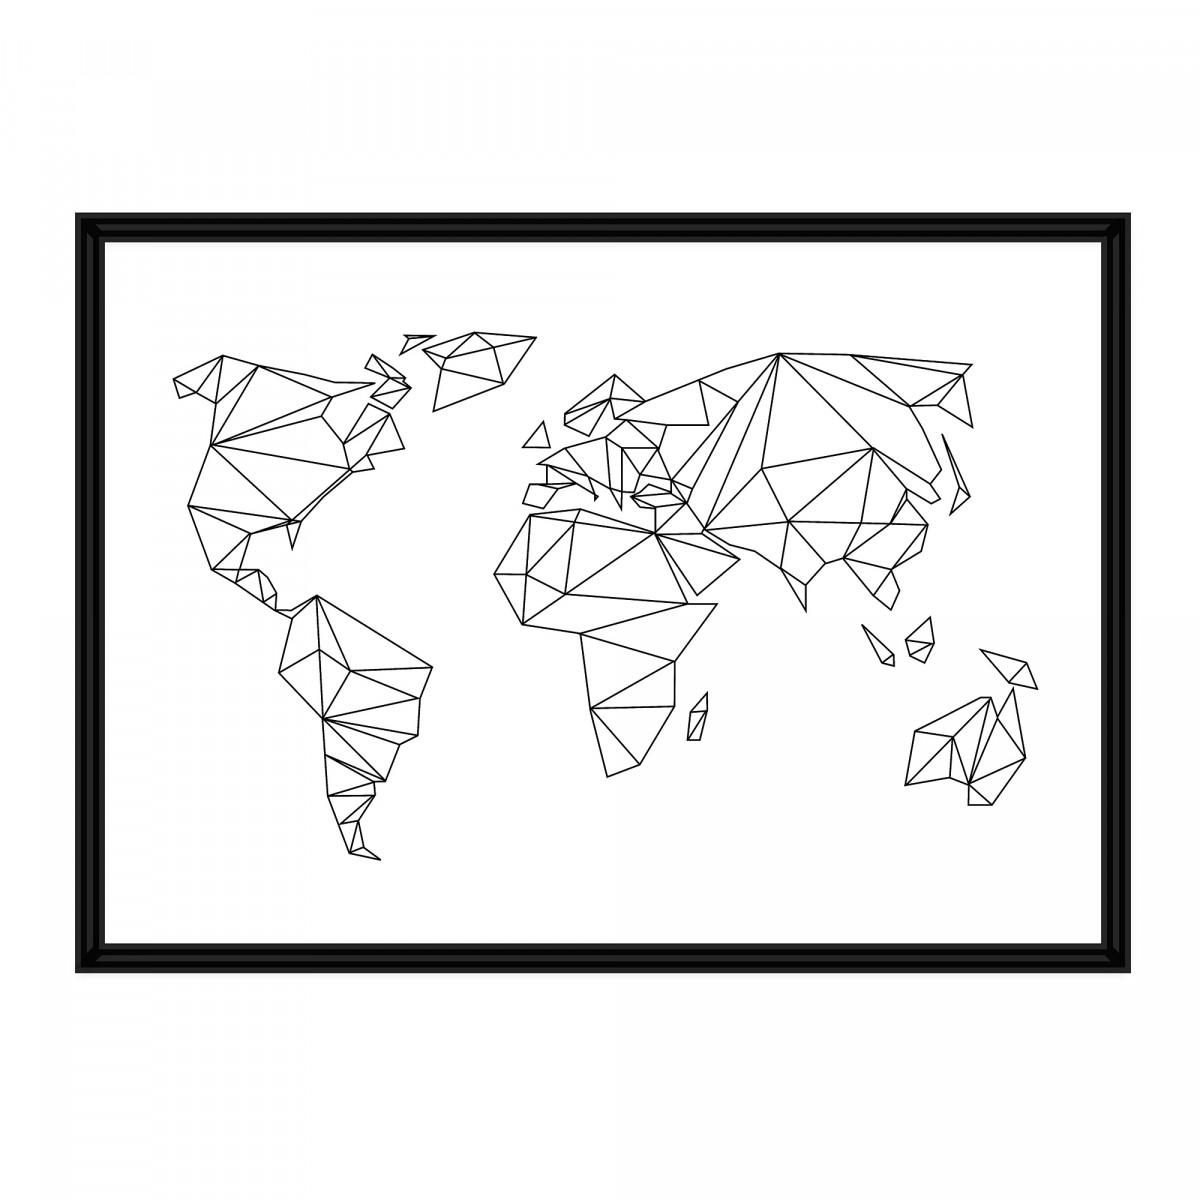 na.hili A1 / A2 POSTER Geometrical World Artprint